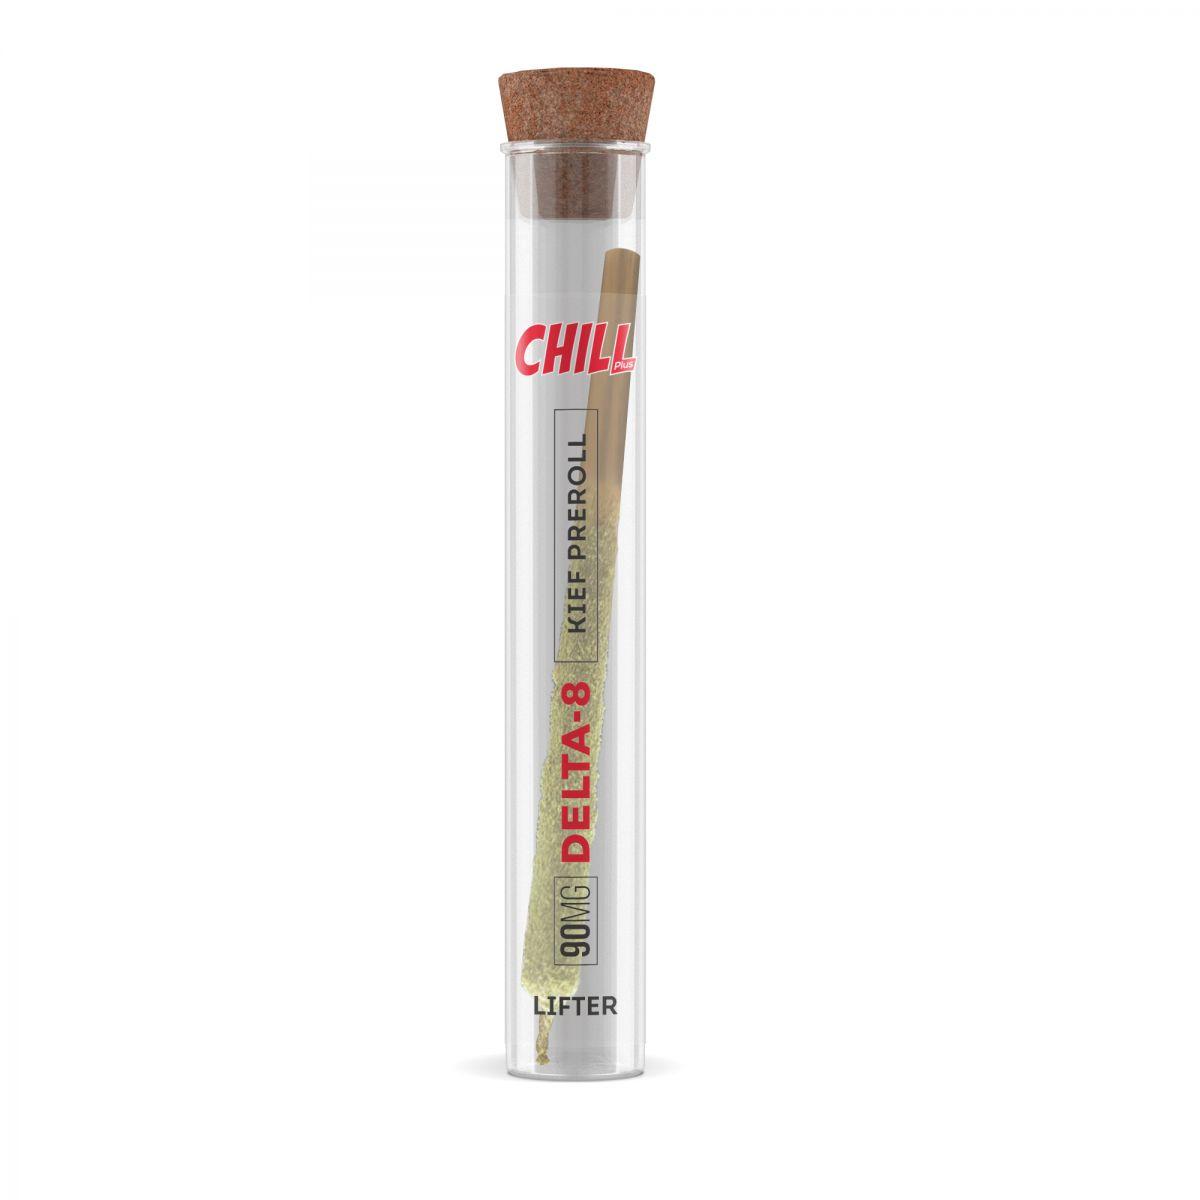 chill-plus-delta-8-thc-premium-pre-roll-lifter-90mg_1